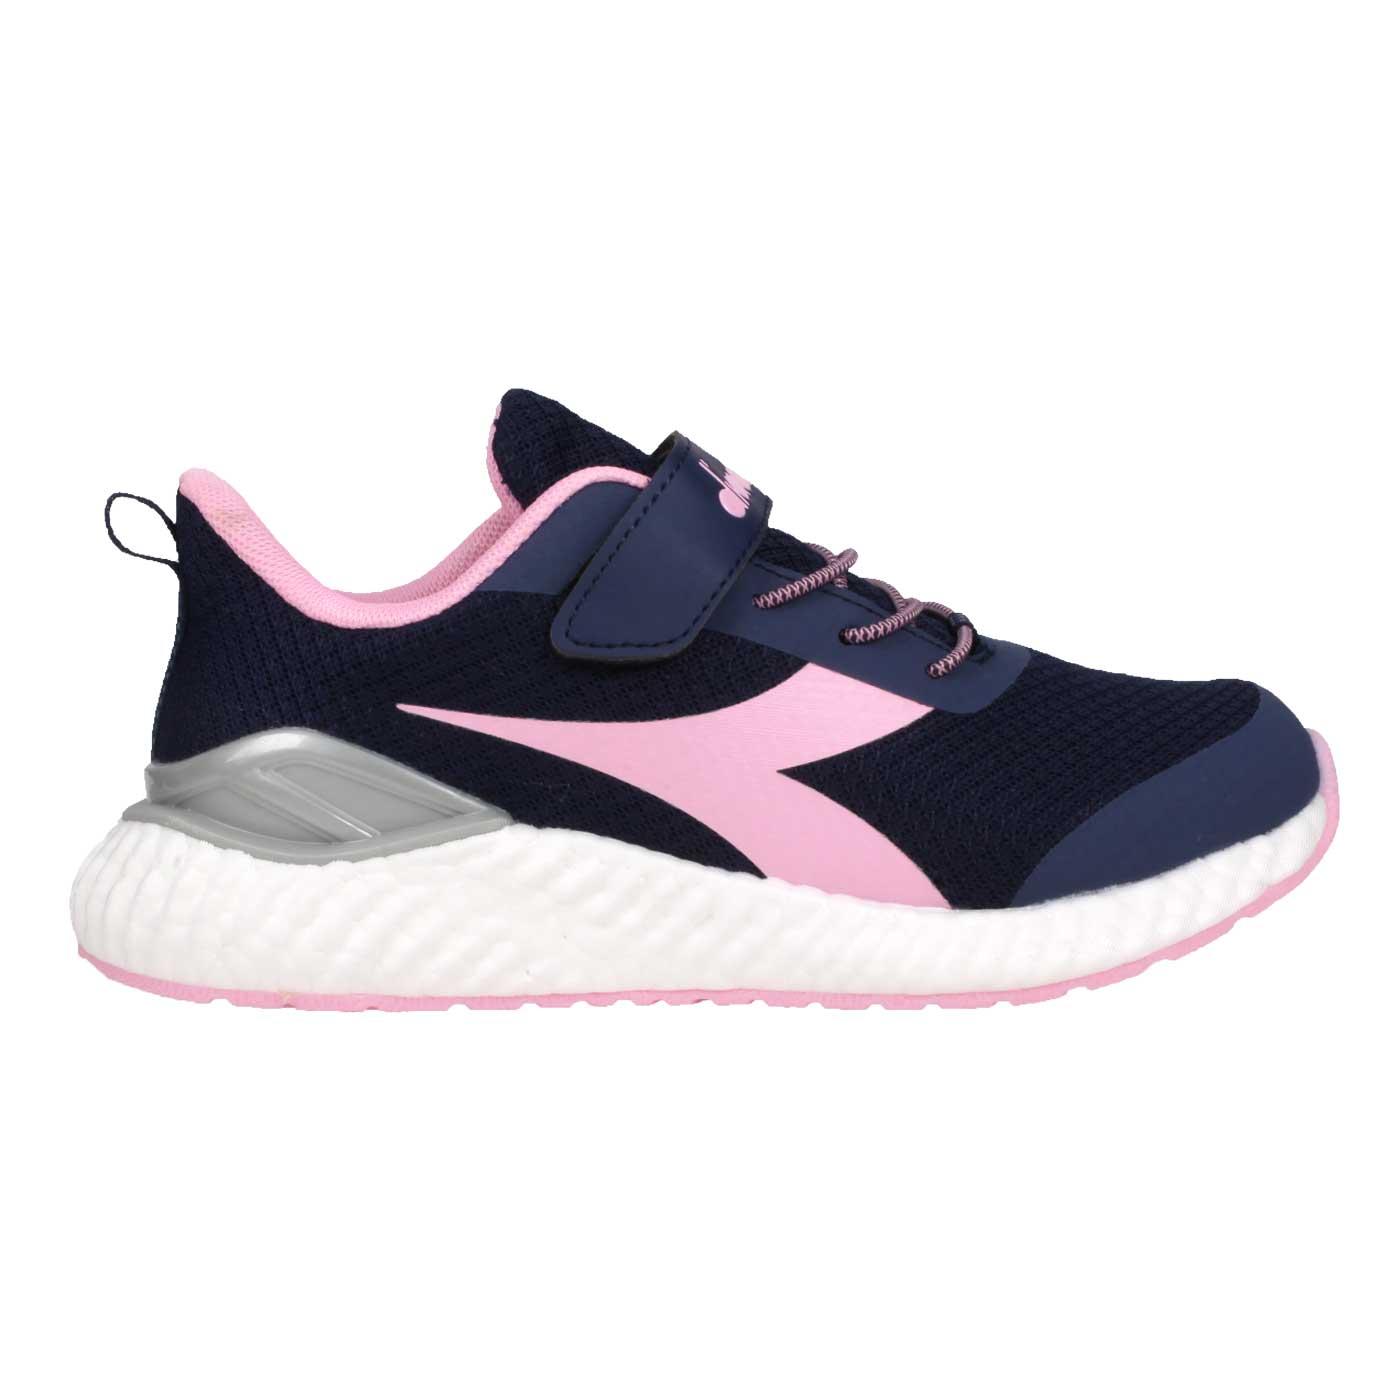 DIADORA 大童運動慢跑鞋 DA13019 - 丈青粉